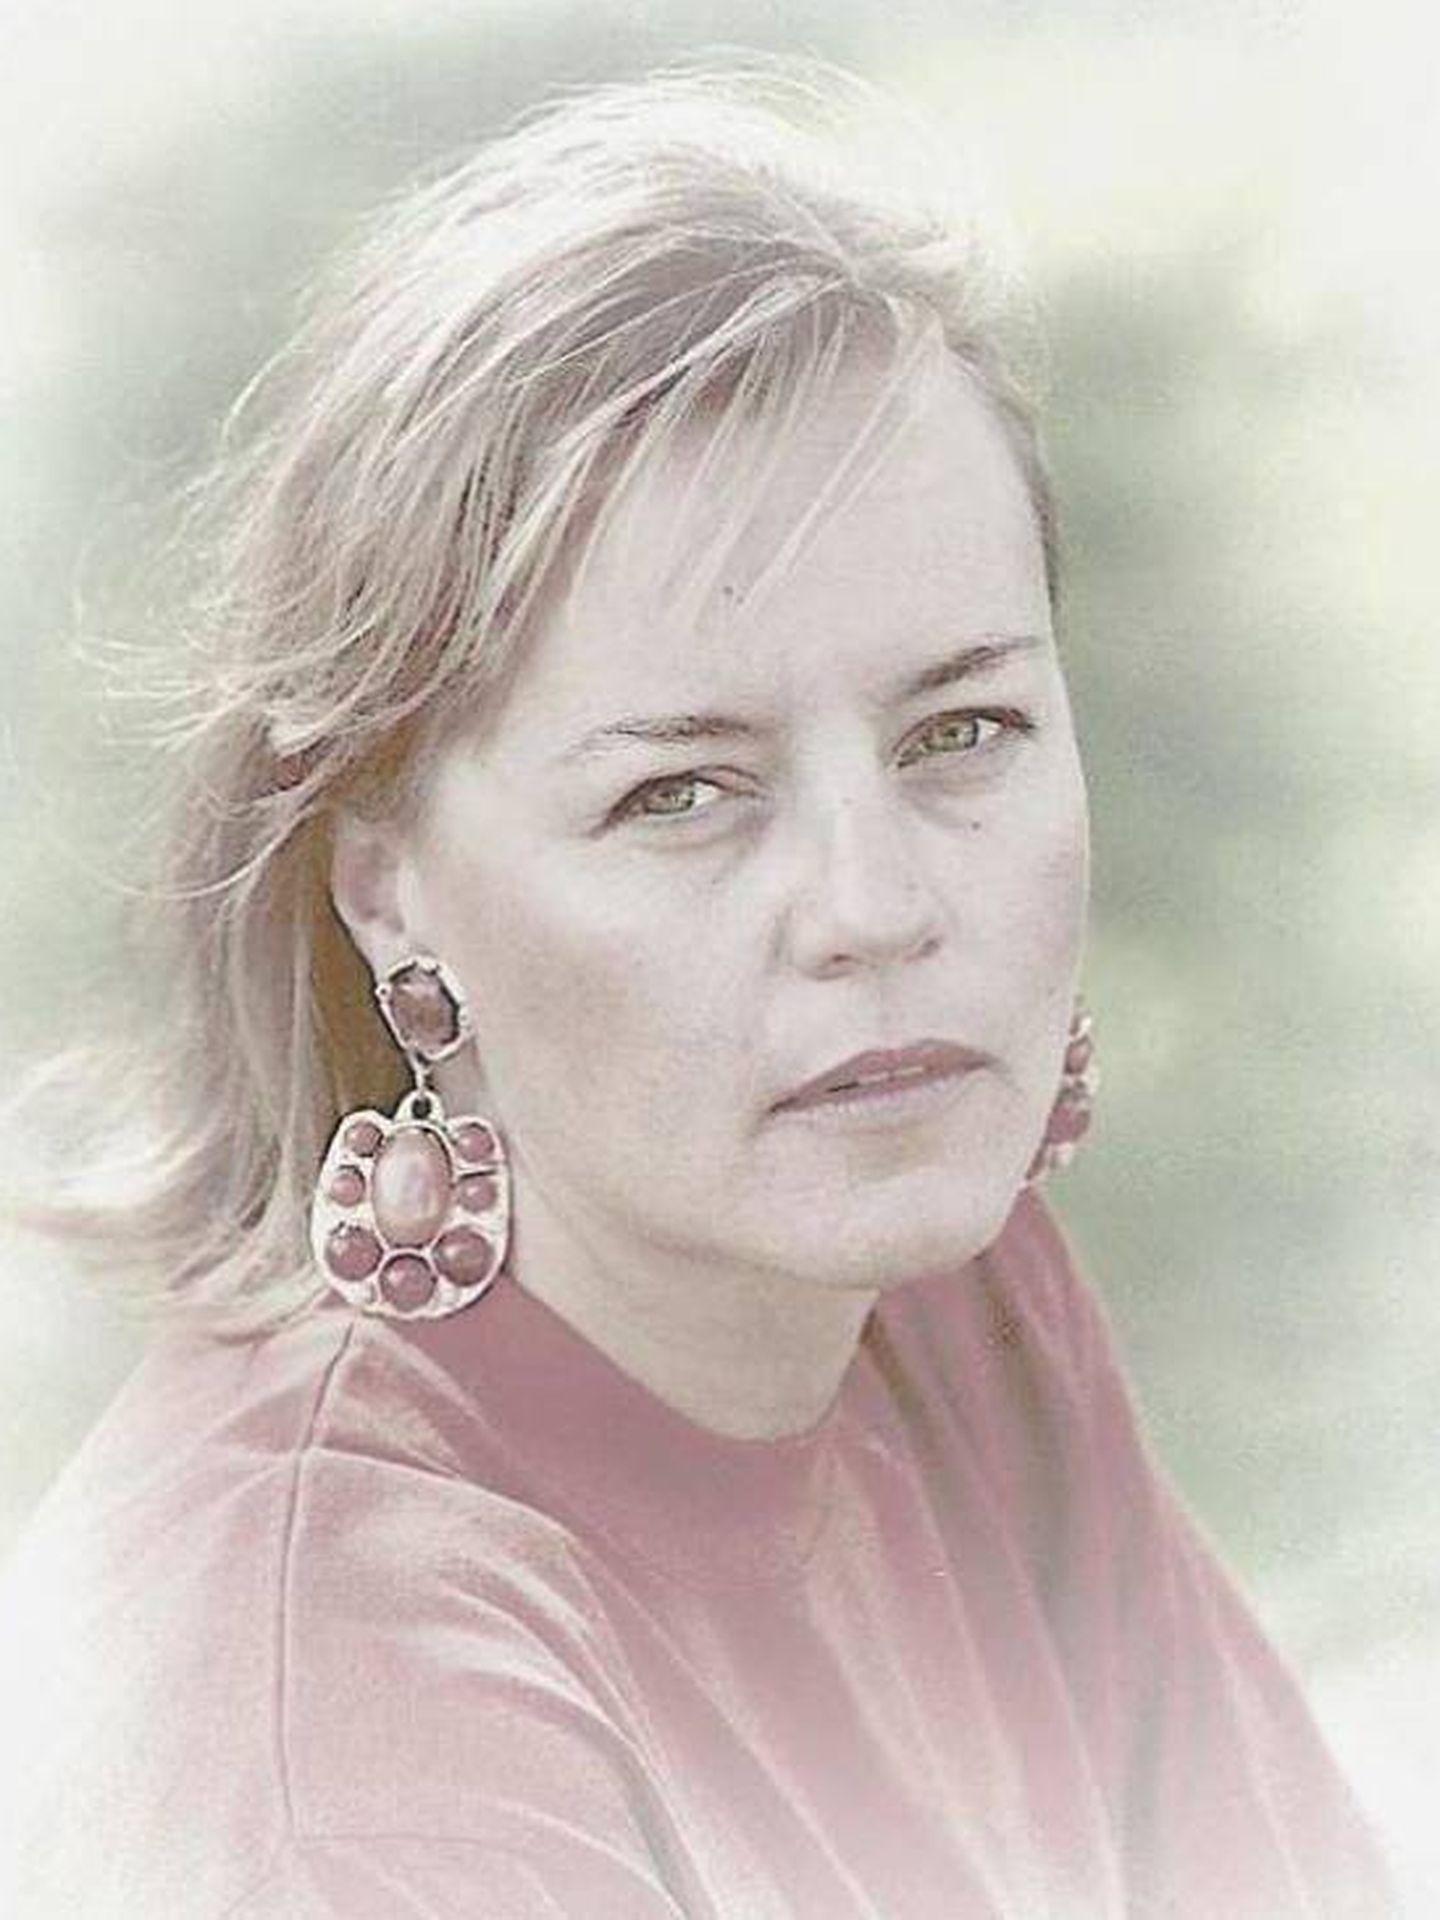 Arroyo, en una foto que Conde compartía de ella. (RRSS)